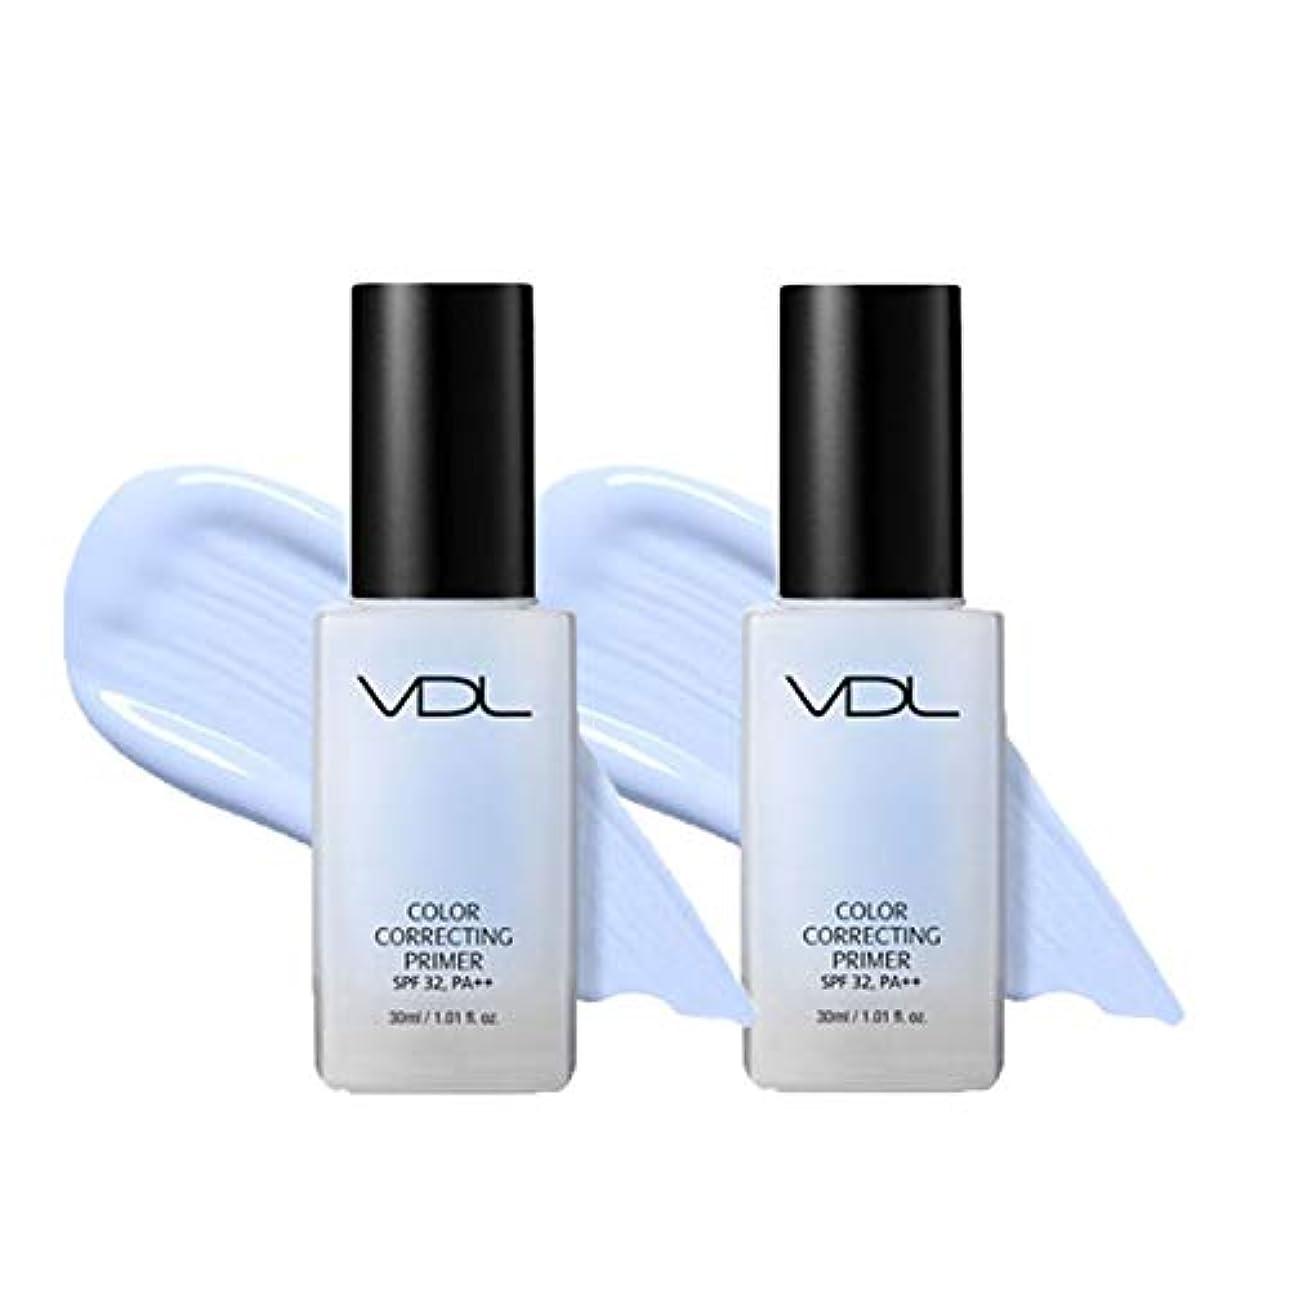 アブストラクト硬い事務所VDLカラーコレクティングプライマー30mlx2本セット3カラーのメイクアップベース韓国コスメ、VDL Color Correcting Primer 30ml x 2ea Set 3-Colors Make-up Base...